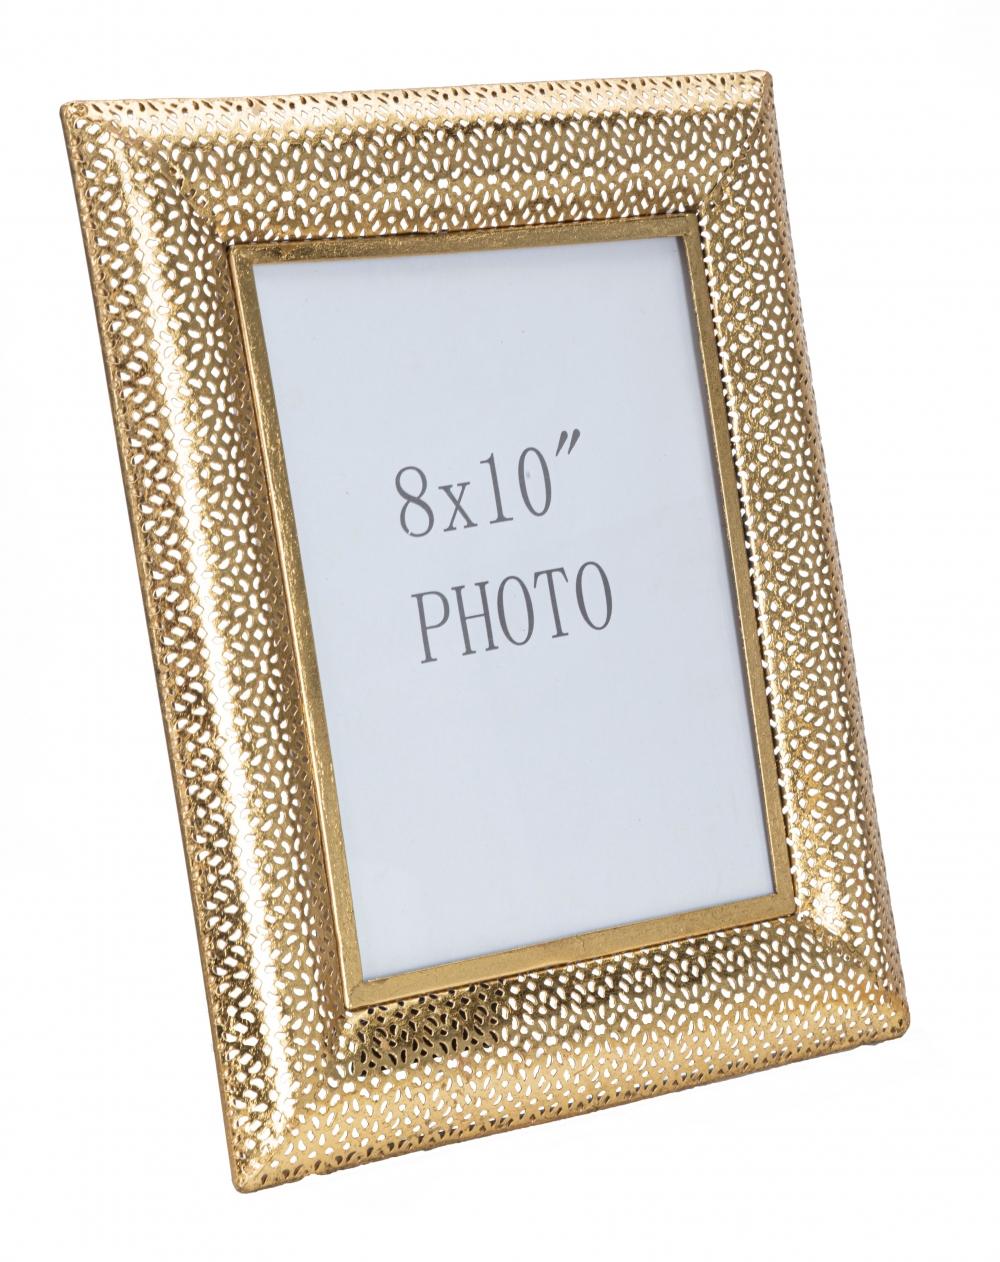 Rama foto decorativa din metal Glam aurie 20X25cm imagine 2021 insignis.ro